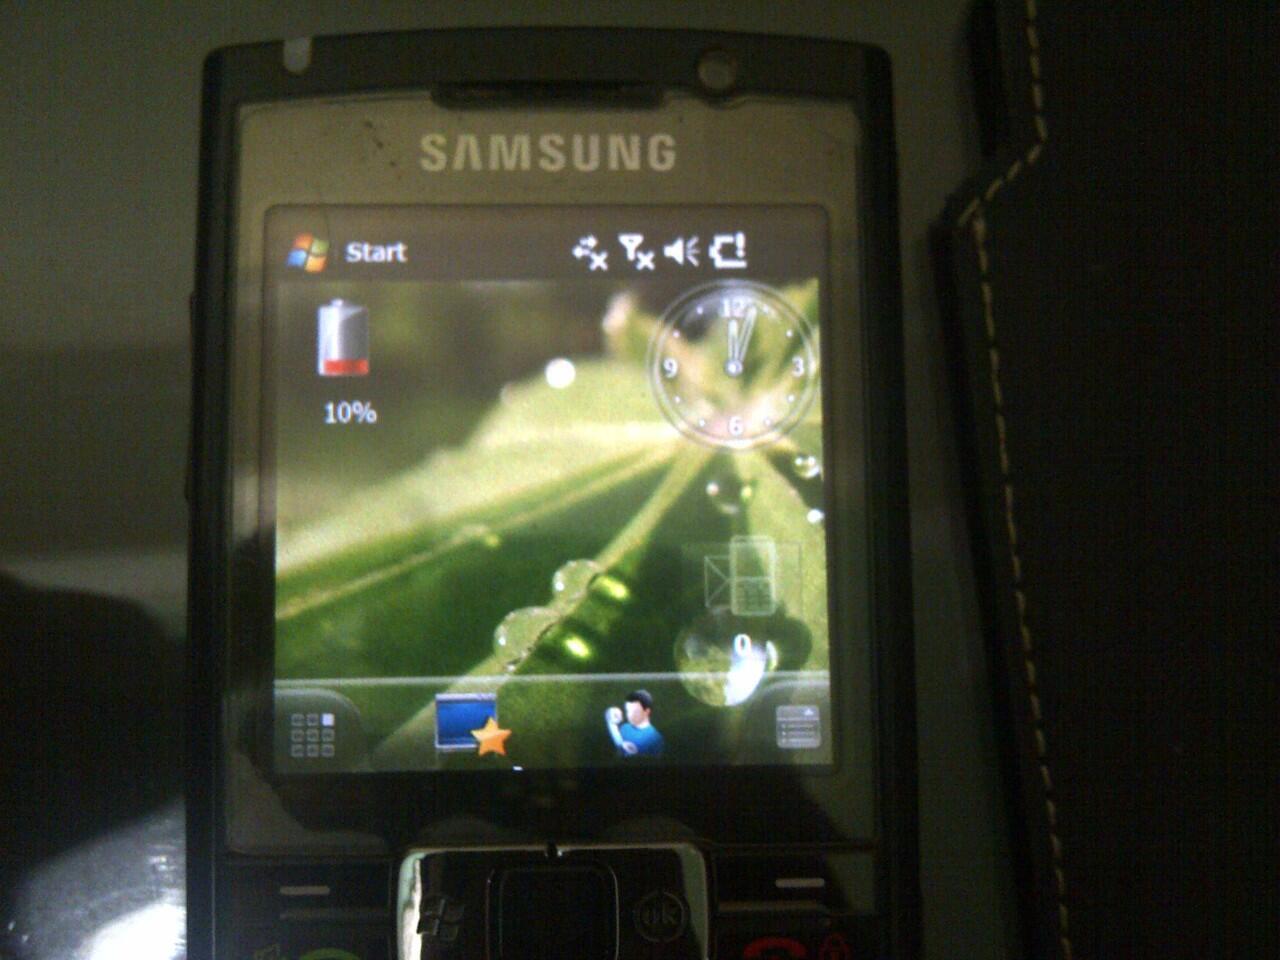 Jual Samsung i780 Malang - Surabaya